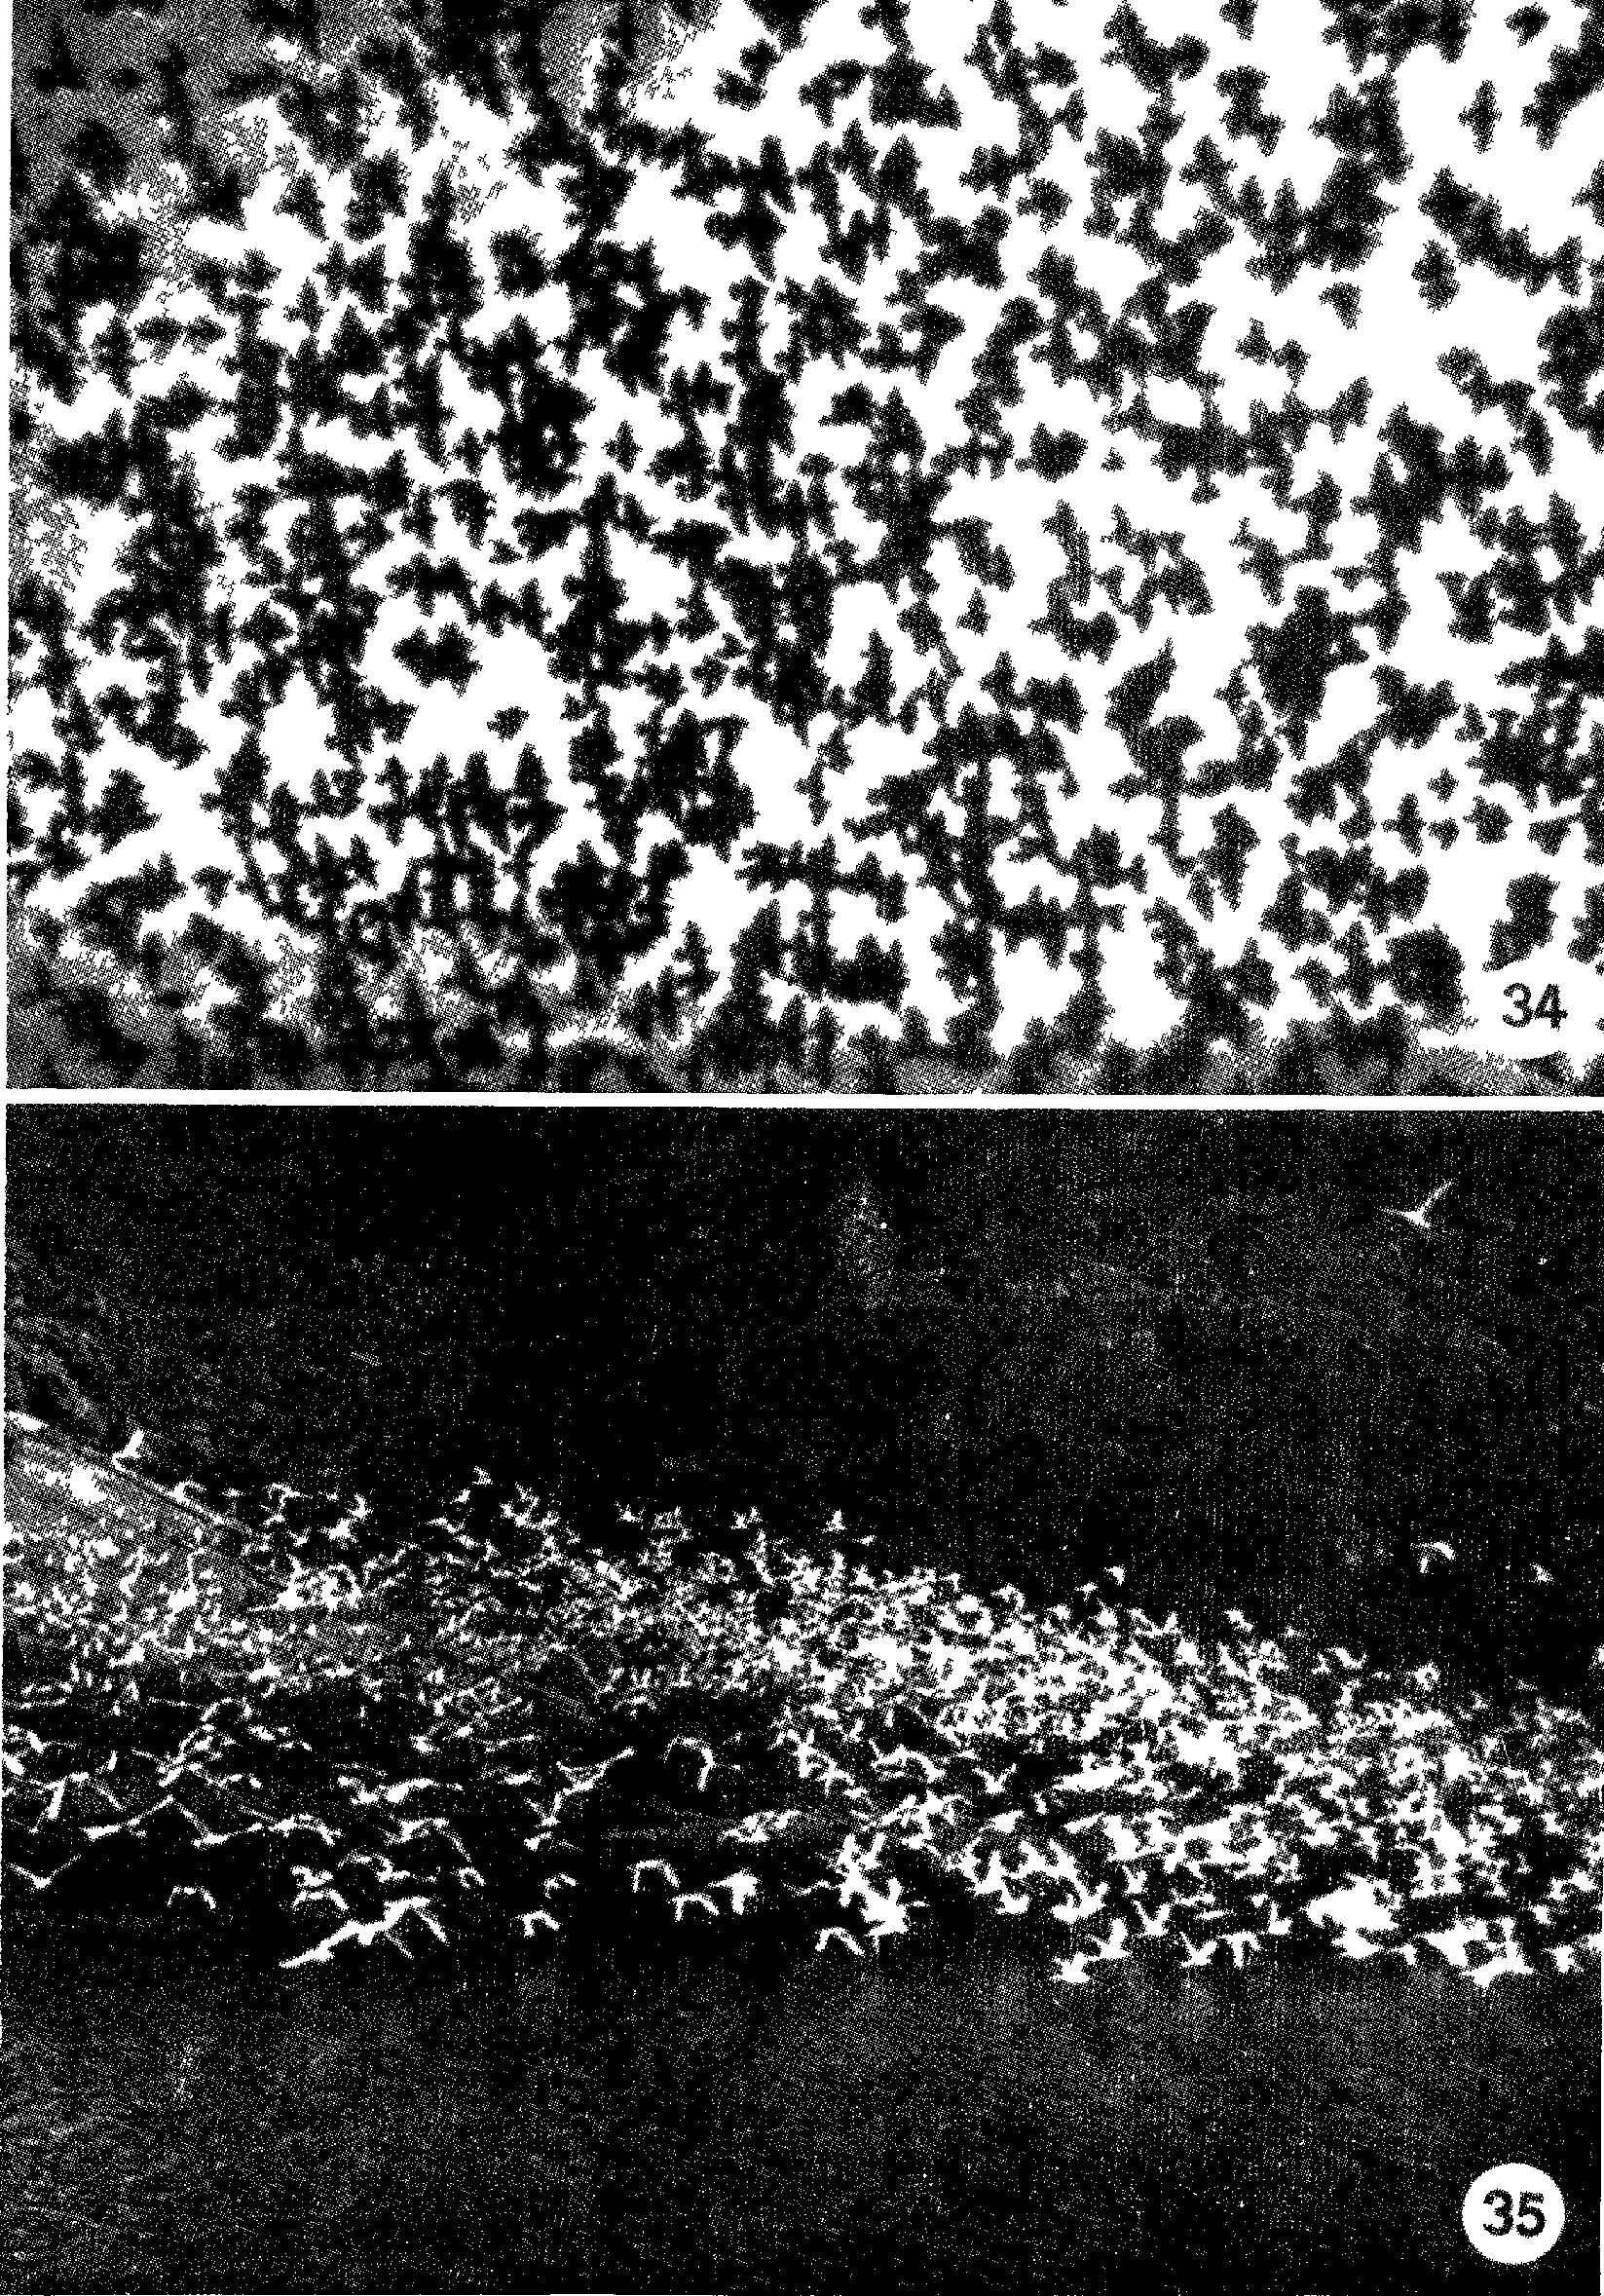 схема постройки домика для сторожа на пасеку